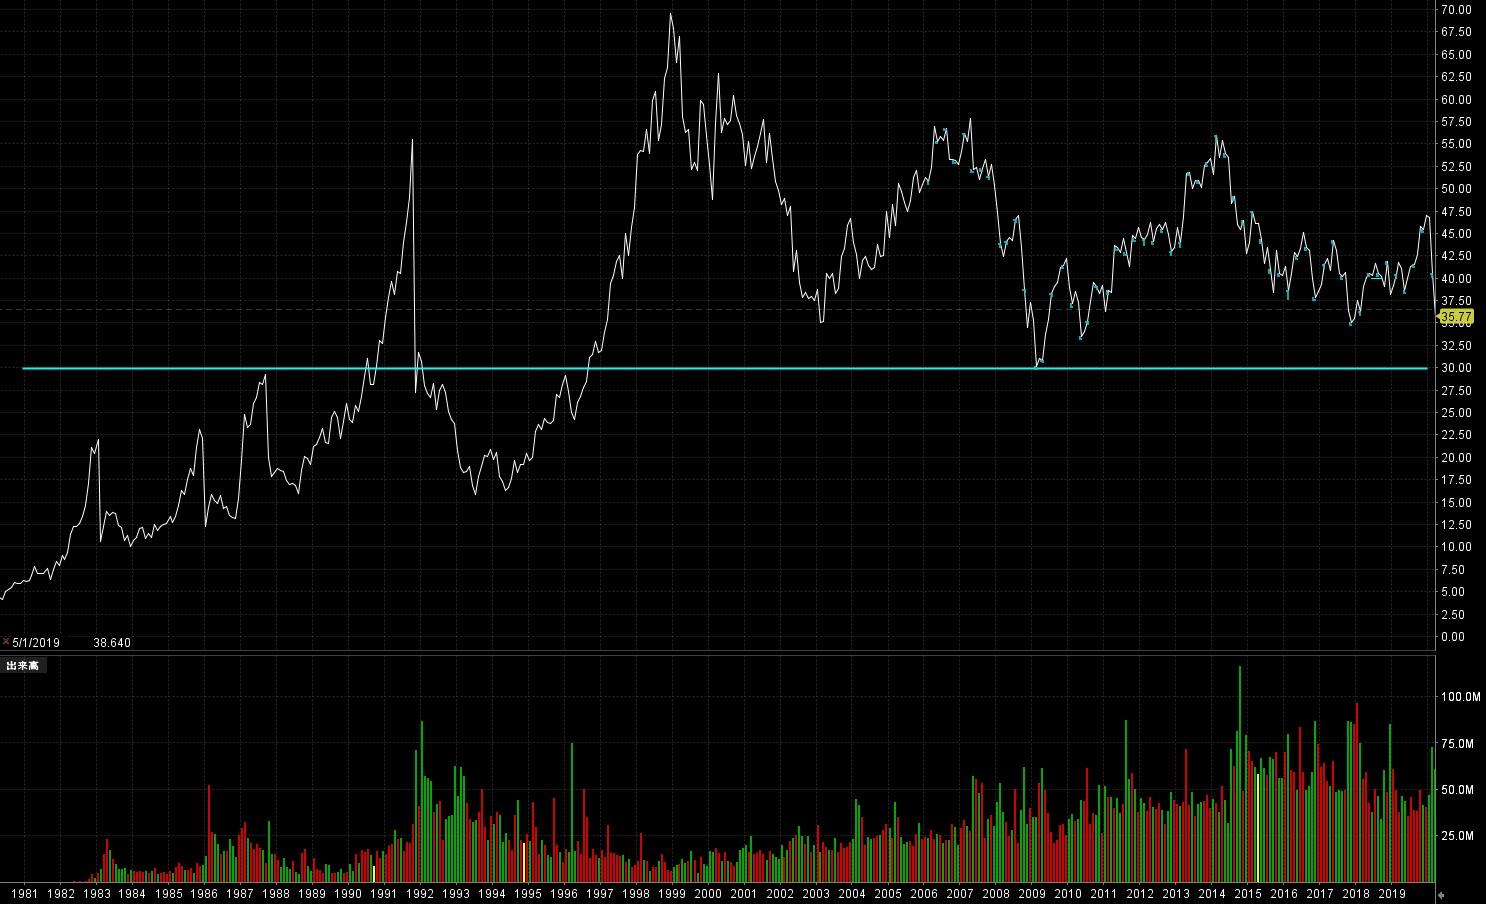 グラクソ・スミスクラインの株価